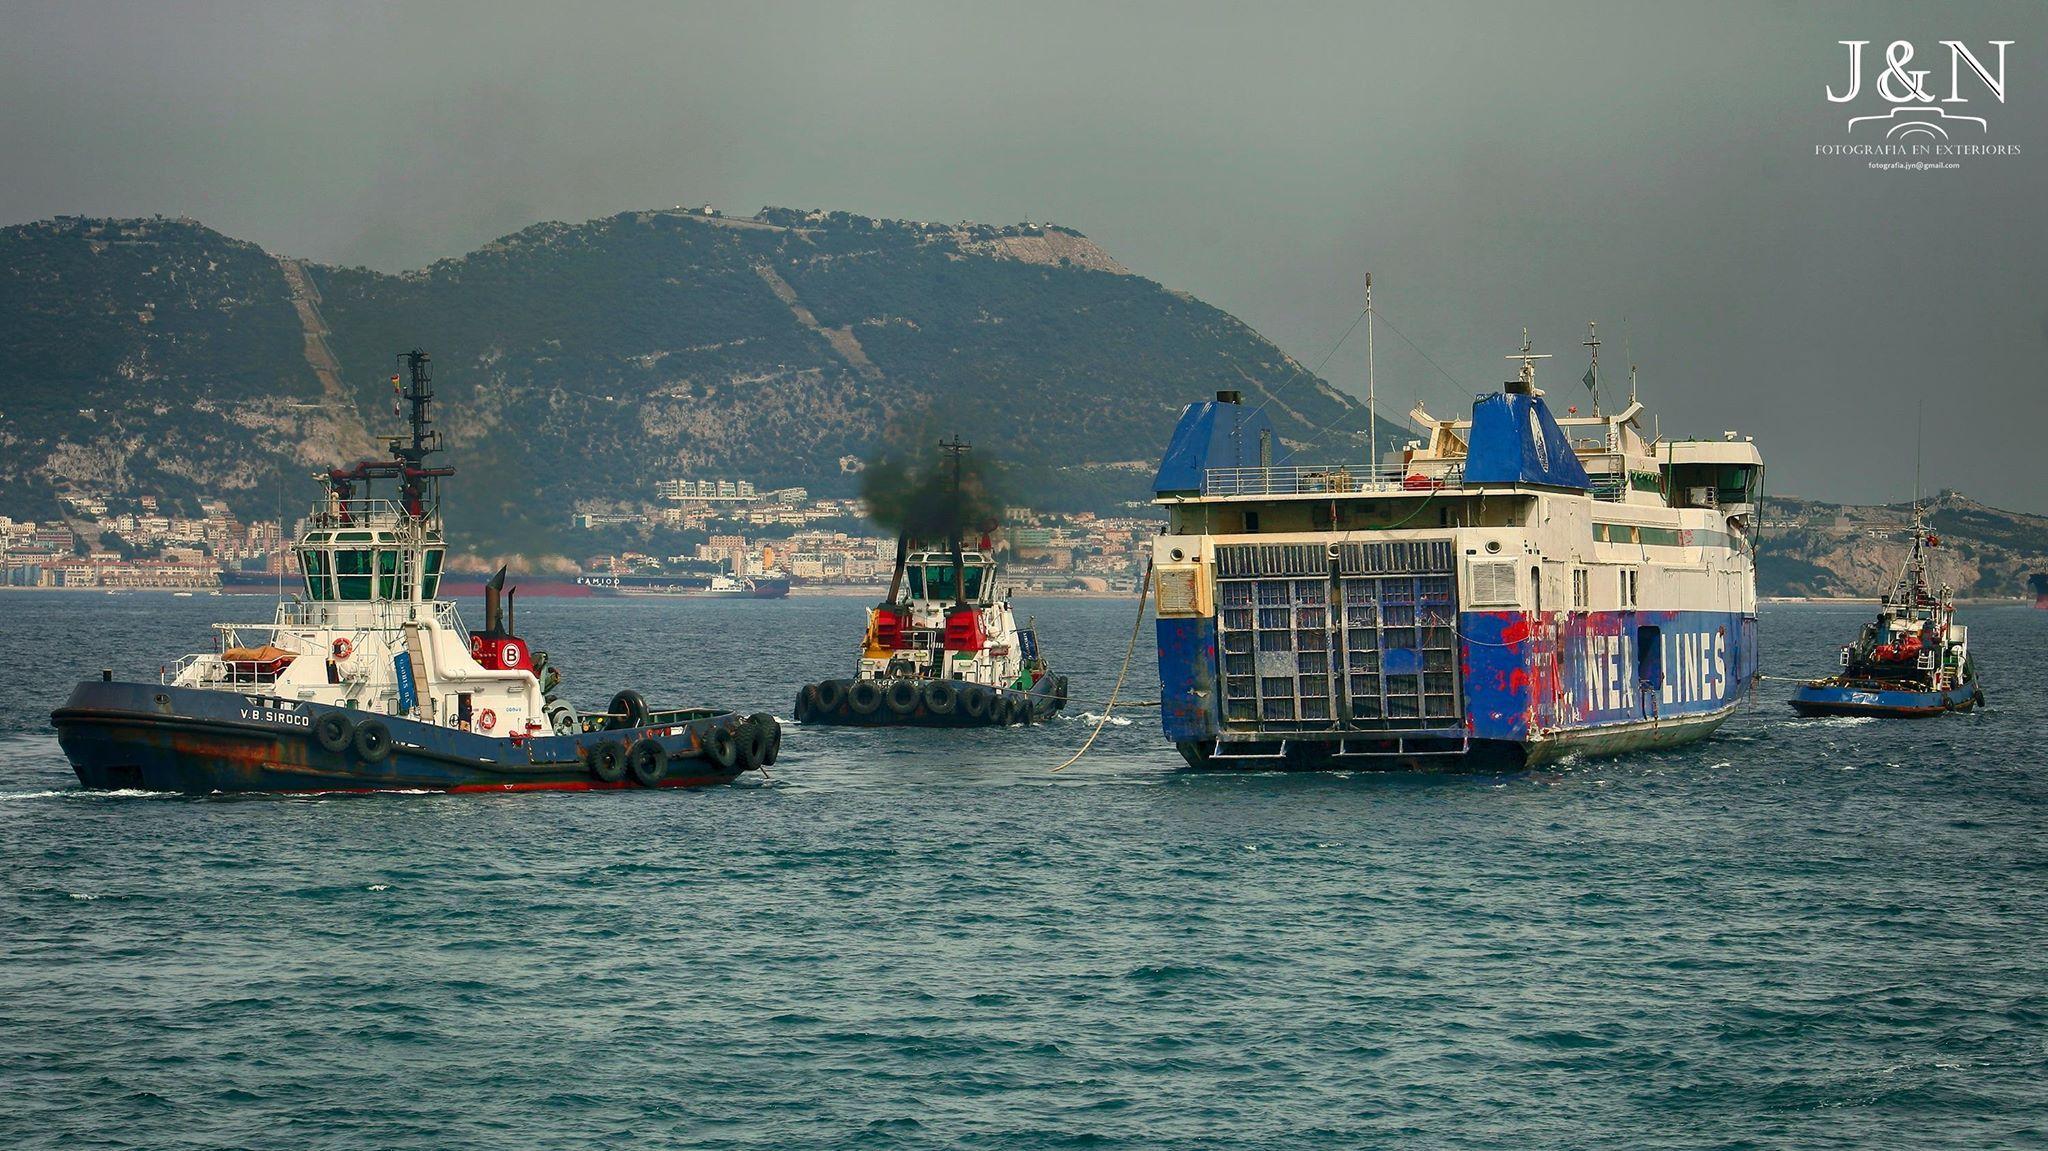 El buque llevaba algo más de cinco años amarrado en Algeciras, donde se hundió y fue reflotado